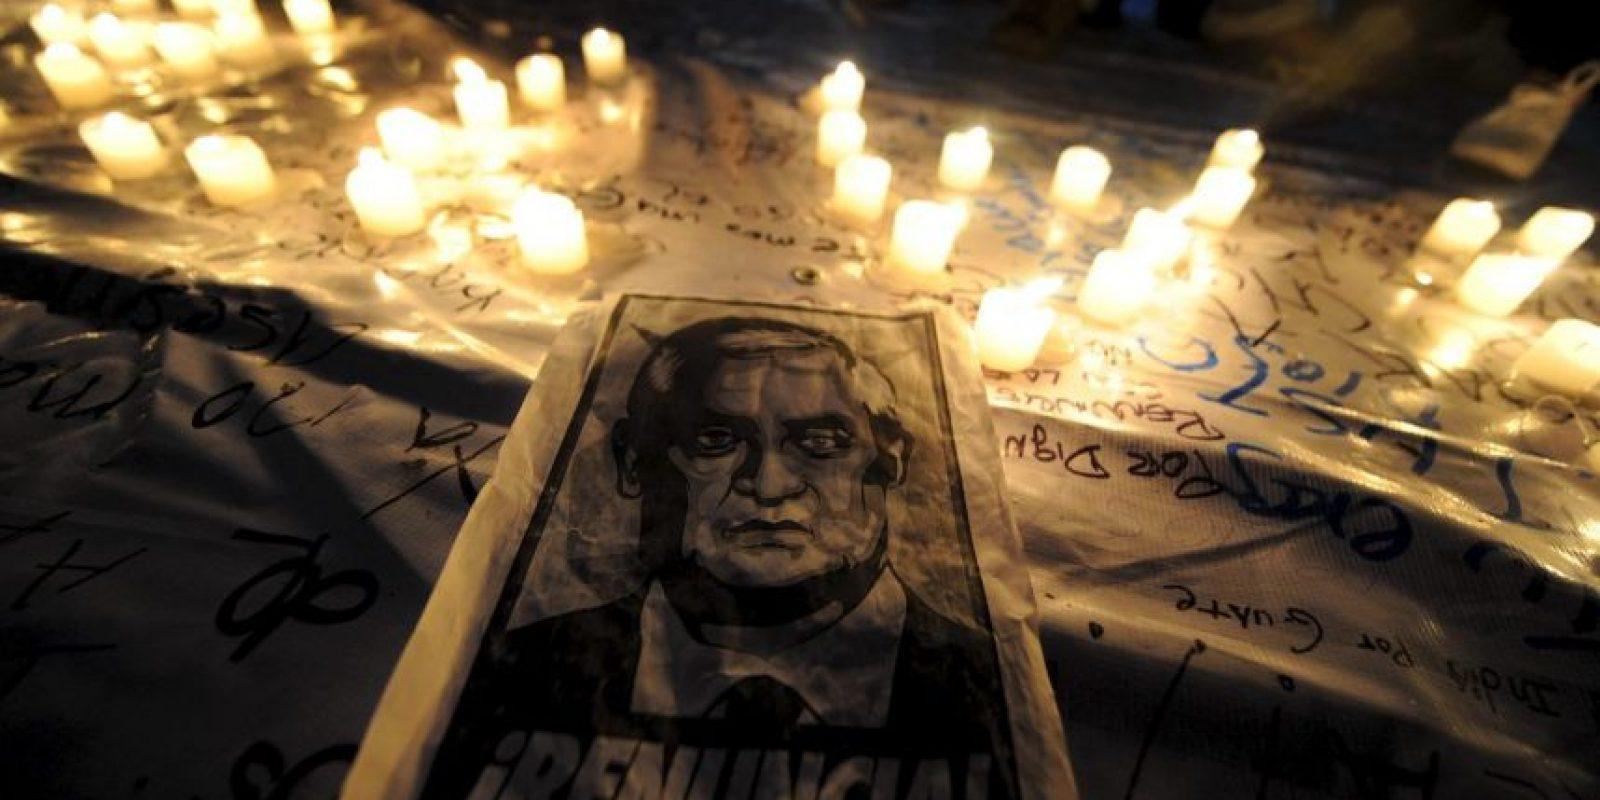 5. La Fiscalía de Guatemala pidió su arraigo, con el fin de que no salga del país. Esto sucedió a unas horas de haberse retirado la inmunidad Foto:AFP